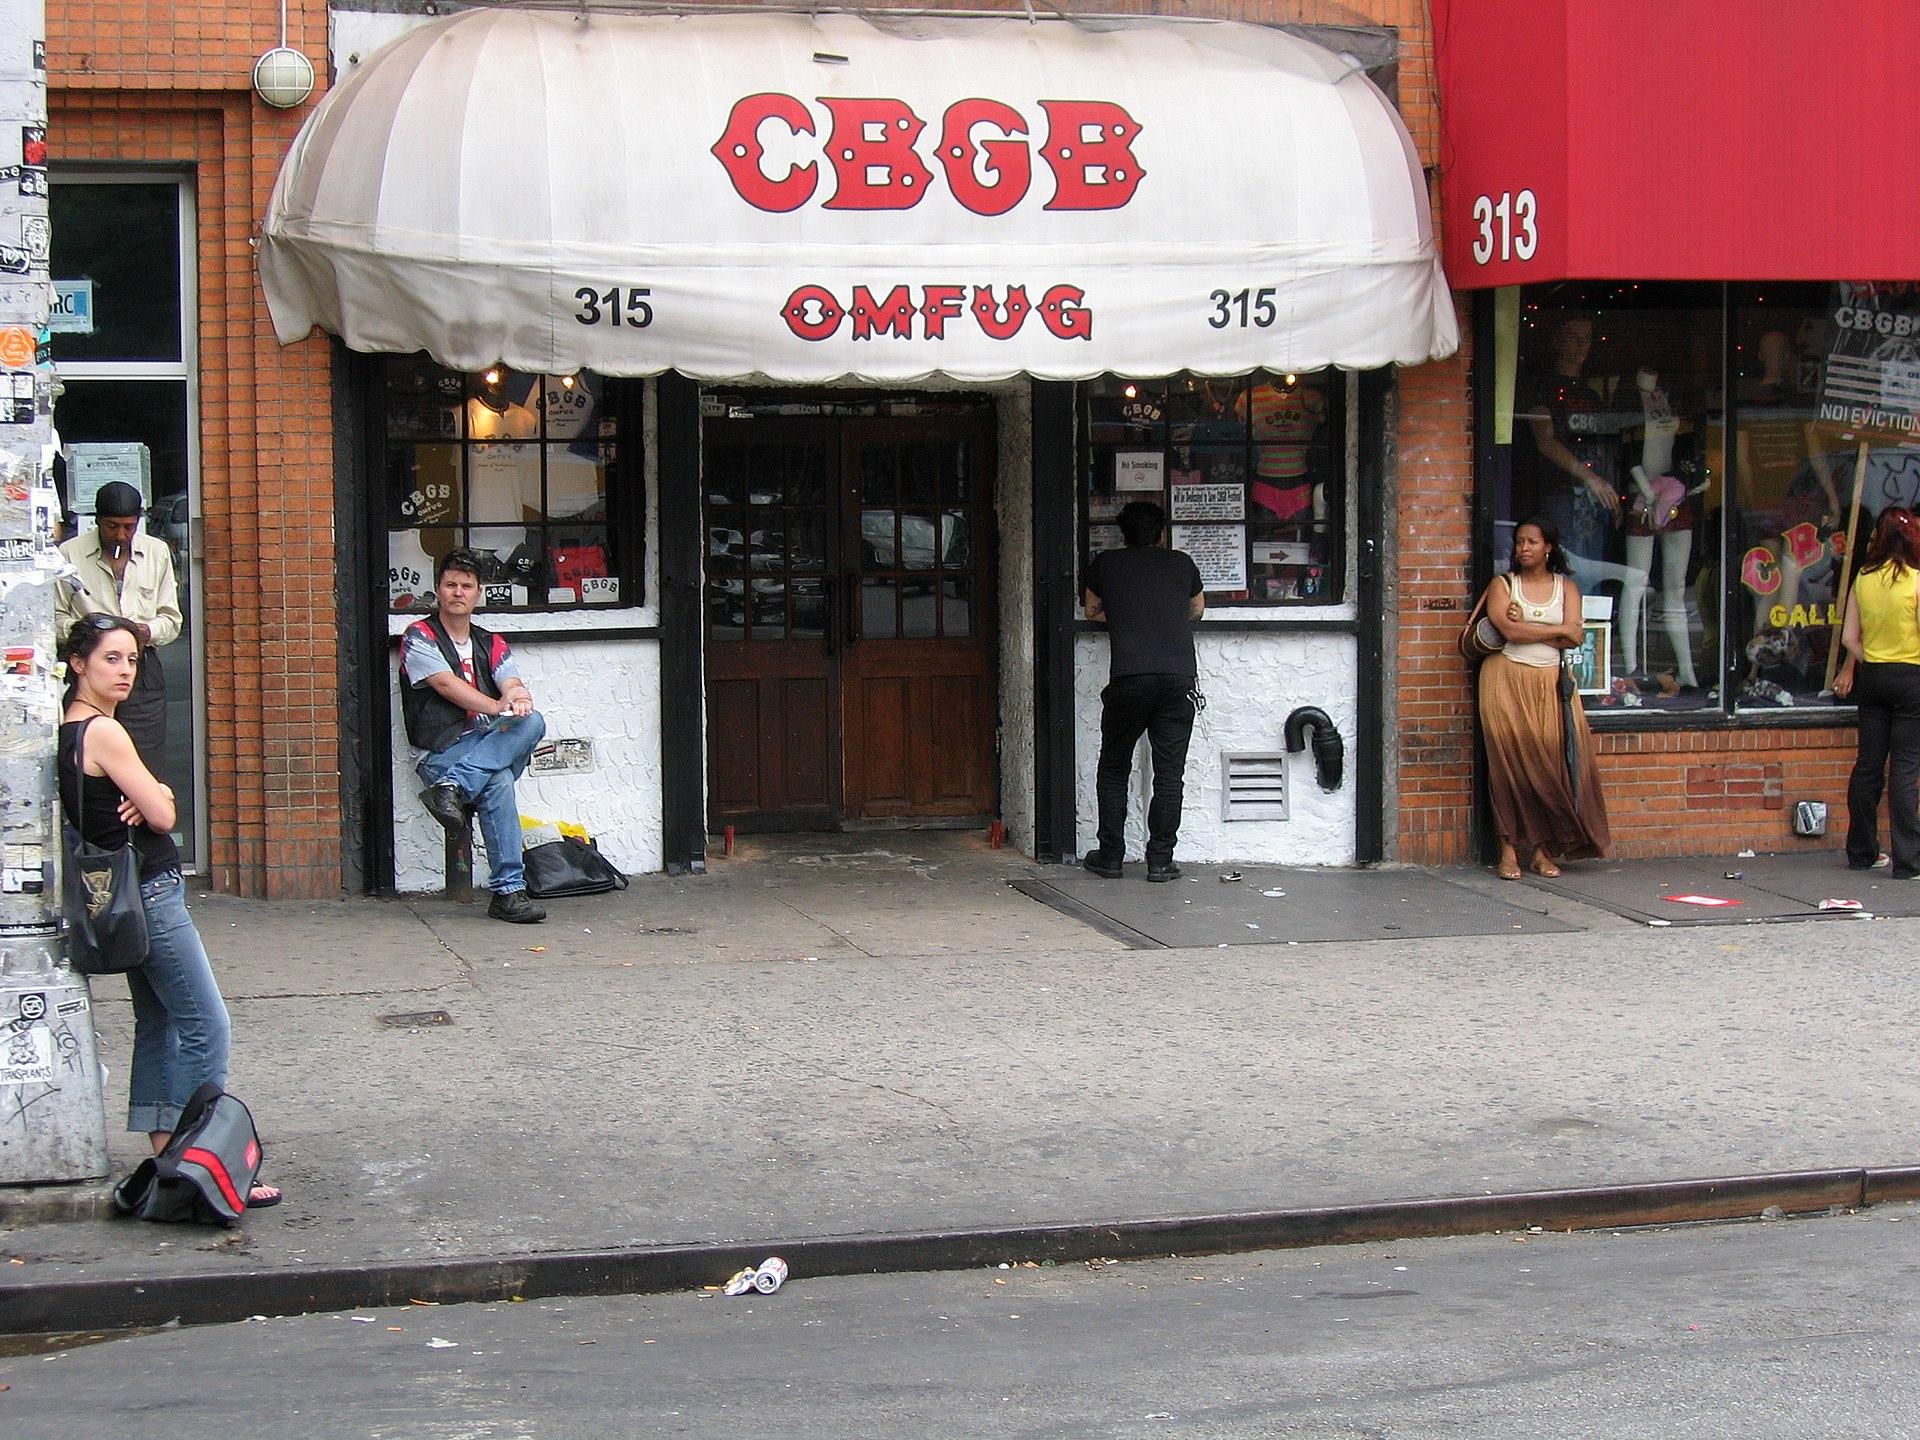 Cbgb Was The Home Of The New York Punk Scene